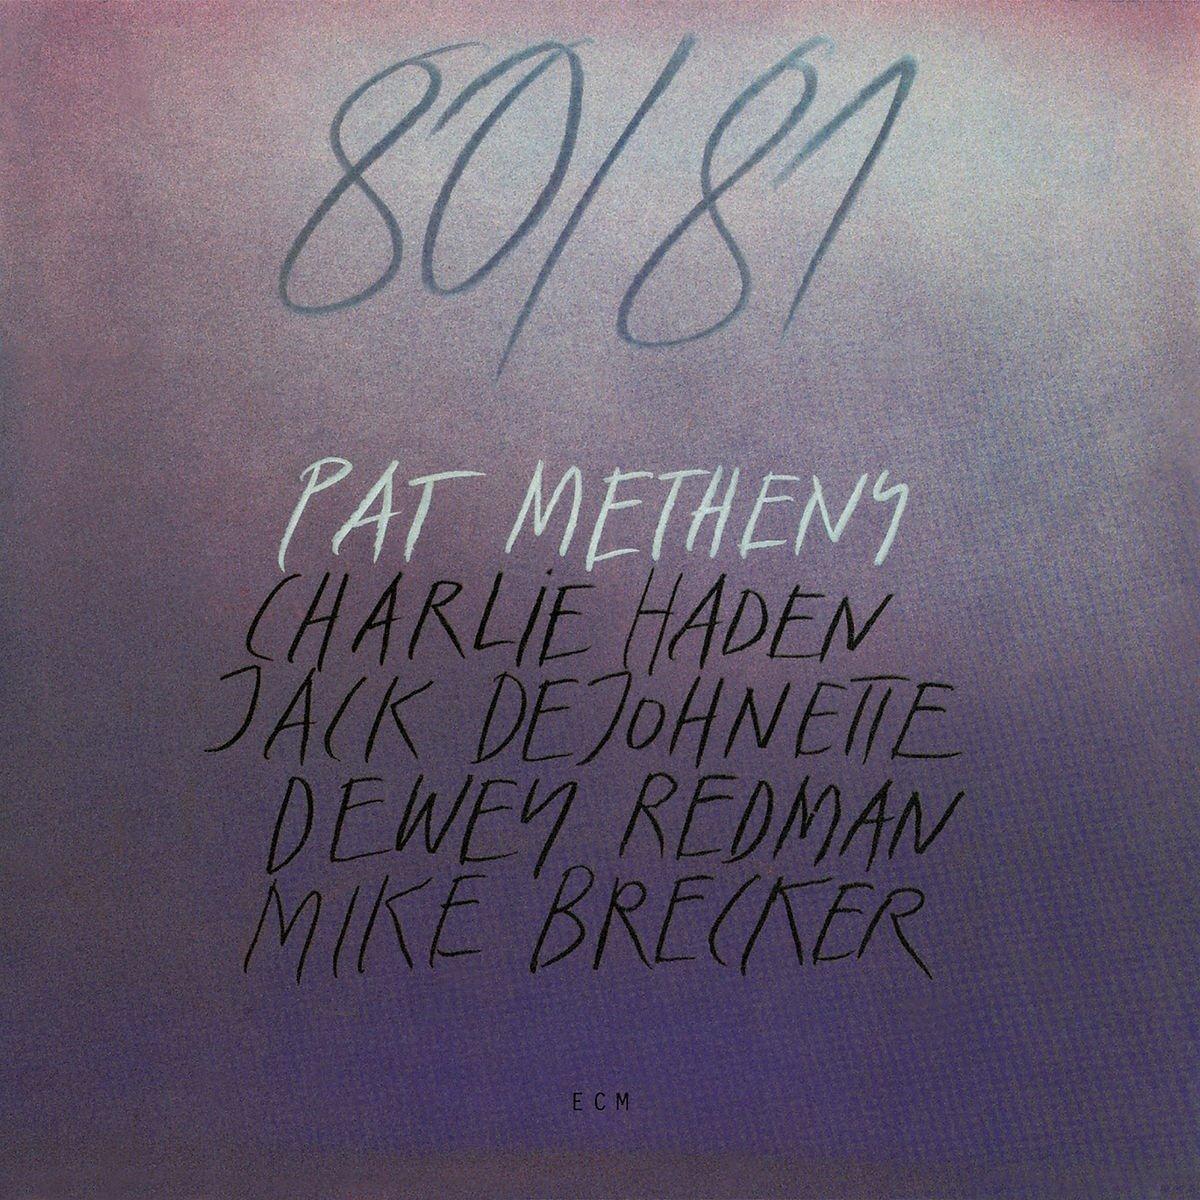 80/81 [2 CD] by ECM